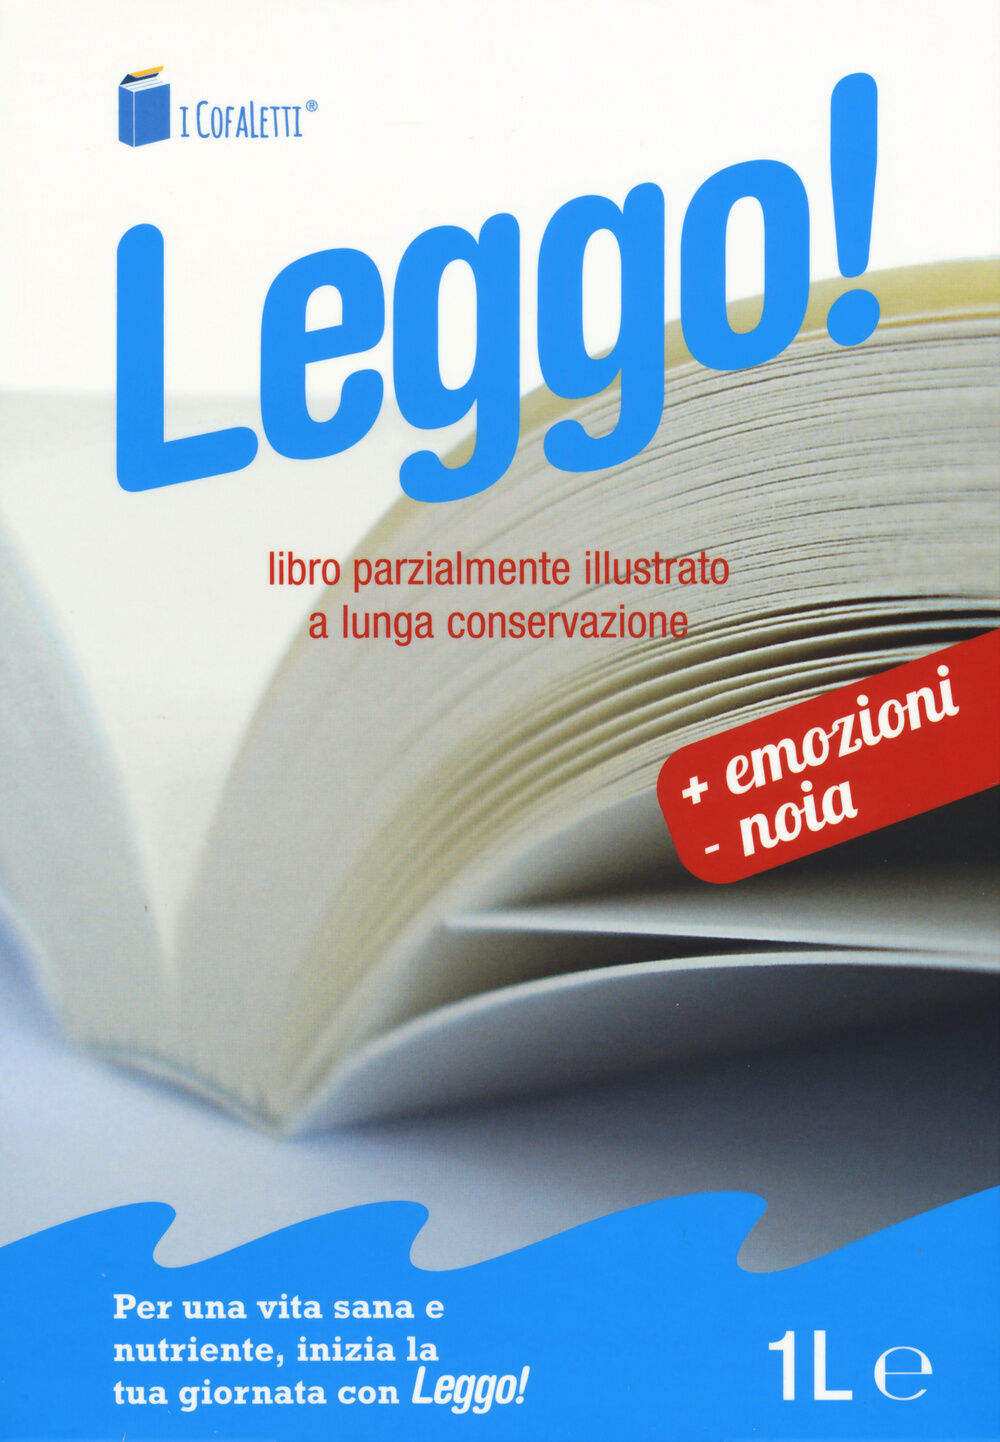 Leggo! Libro intero parzialmente illustrato. A lunga conservazione: Amore e ginnastica